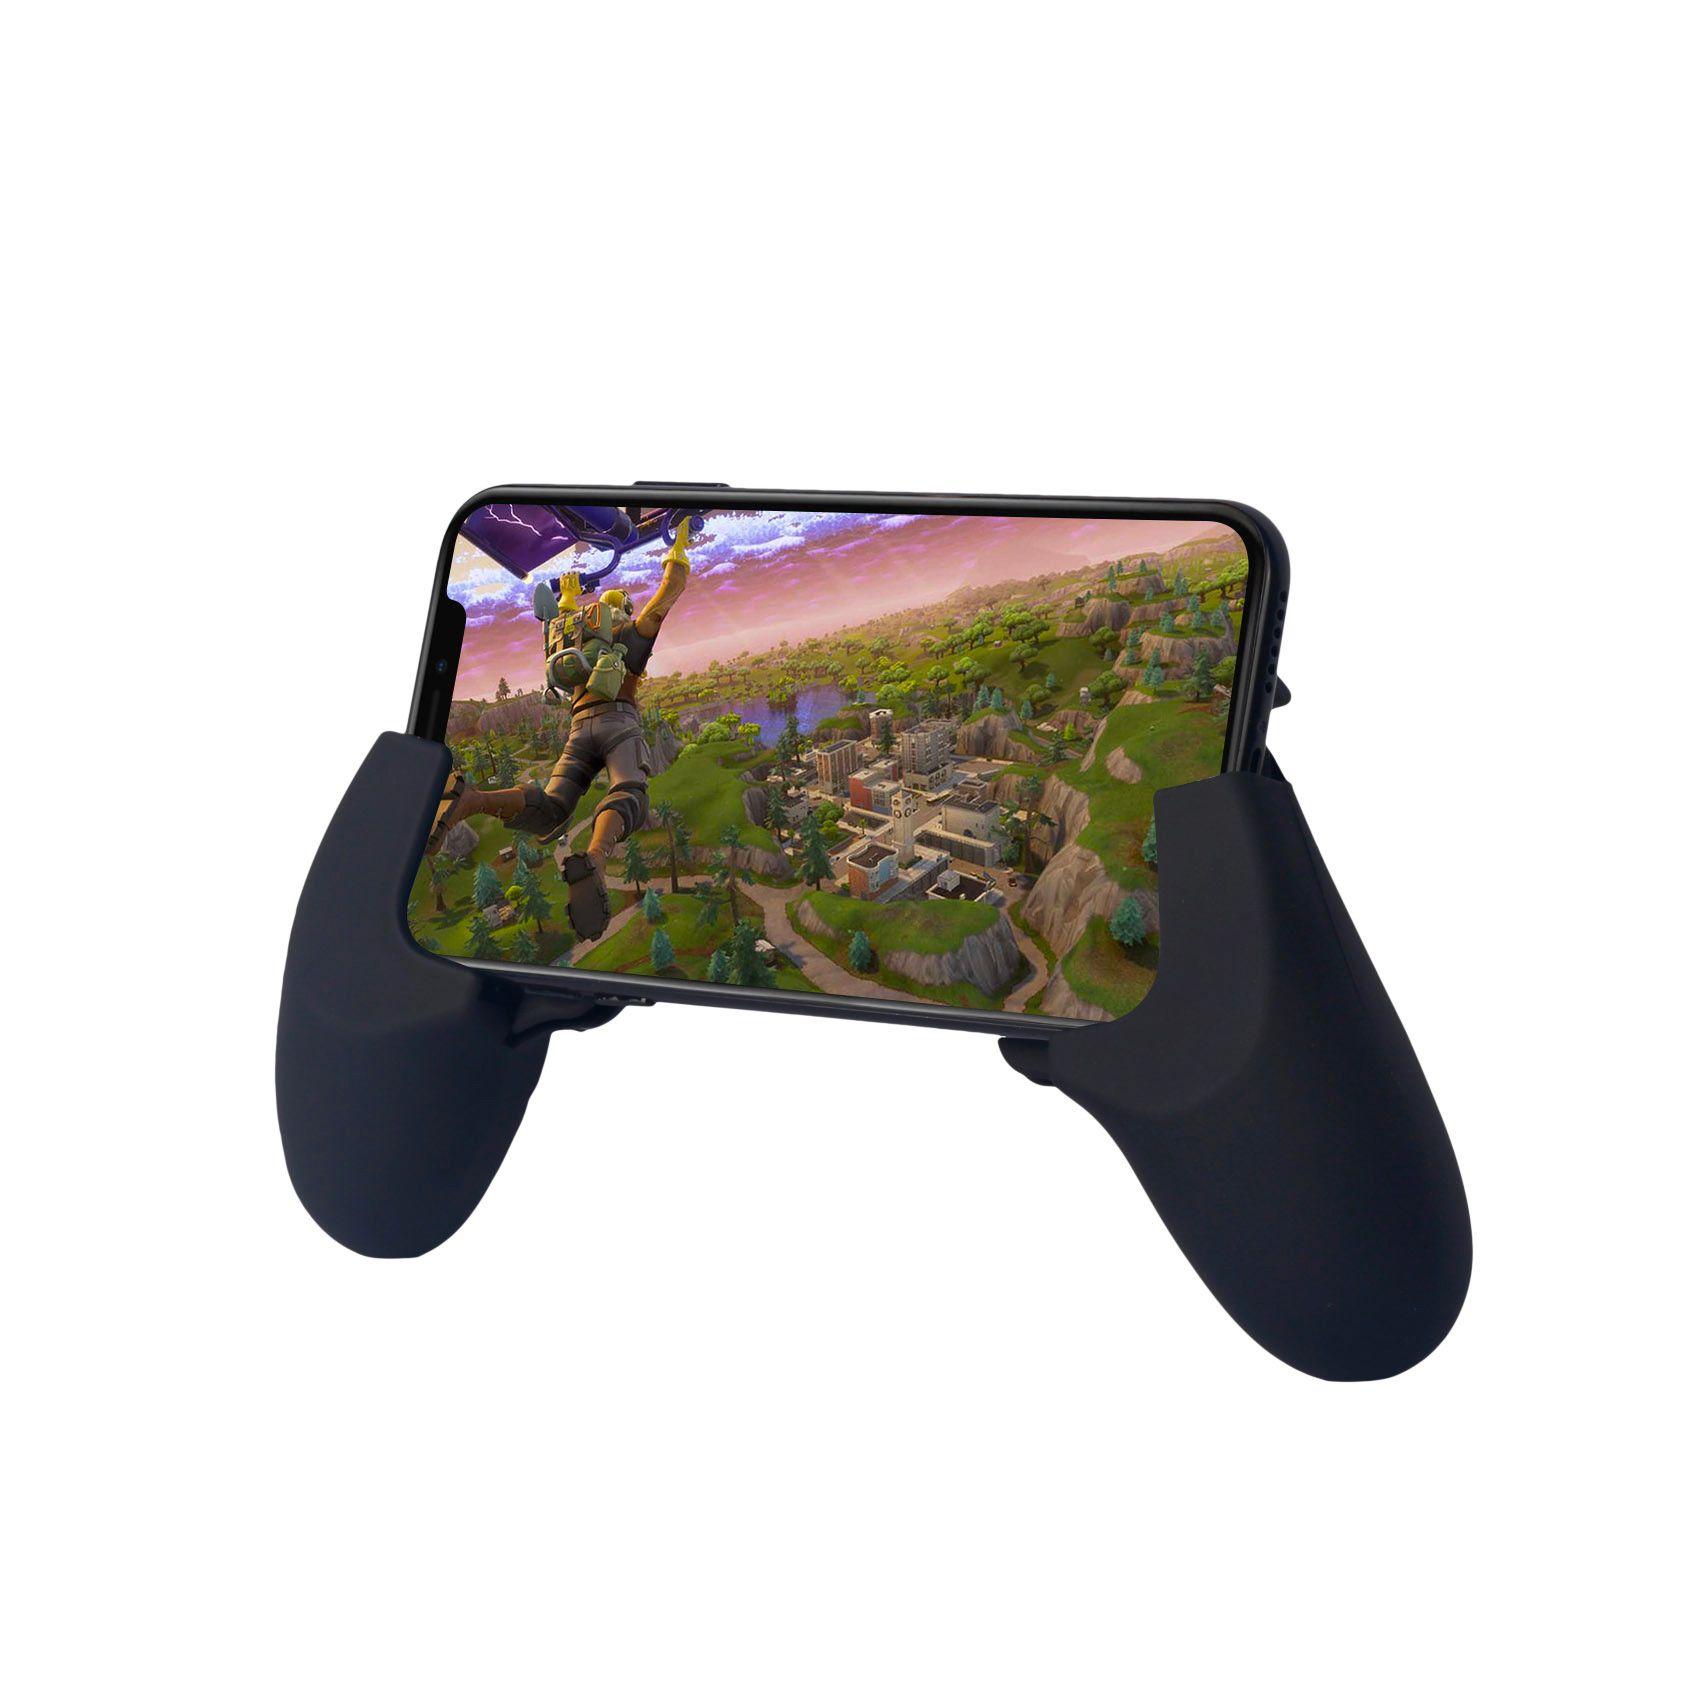 Herní joystick CELLY Gamegrip pro hraní her na mobilním telefonu, černý